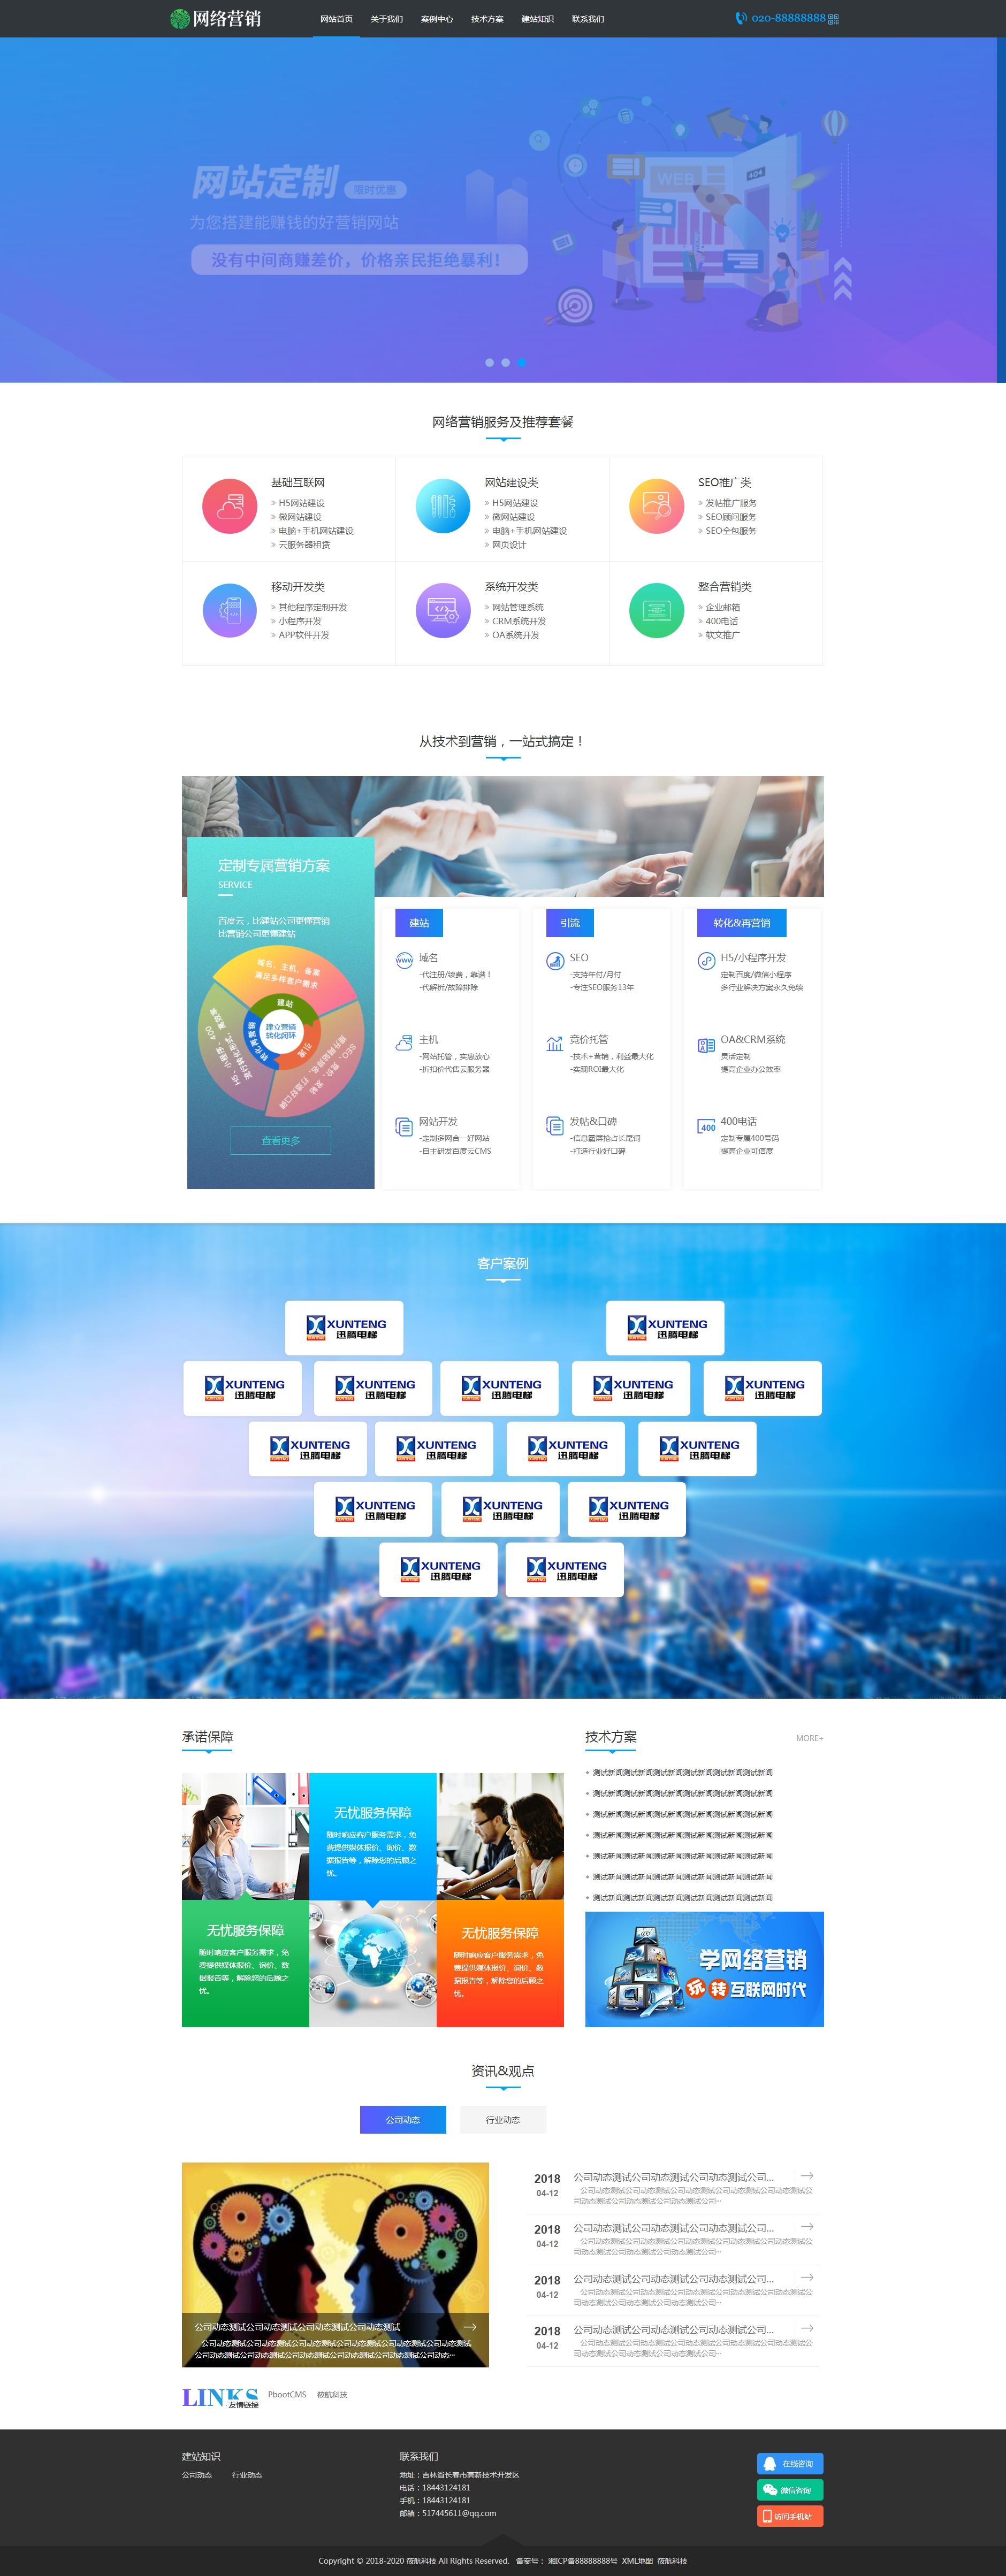 网站建设营销行业